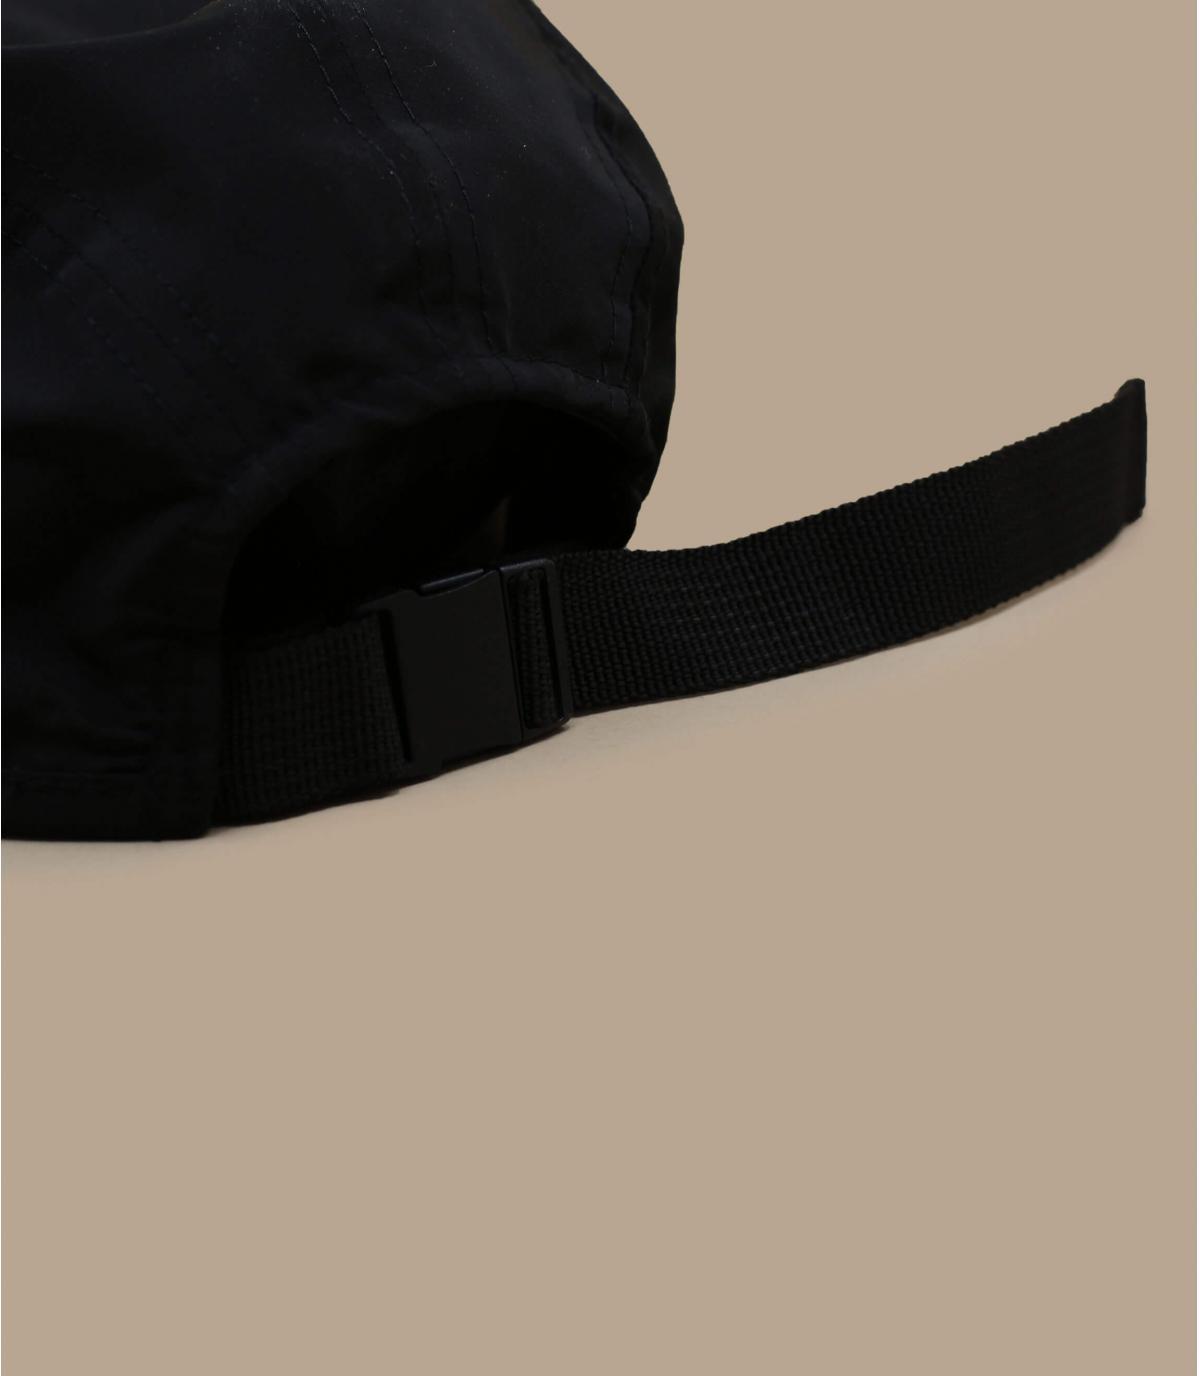 Détails Casquette Shiny pack Camper black - image 4